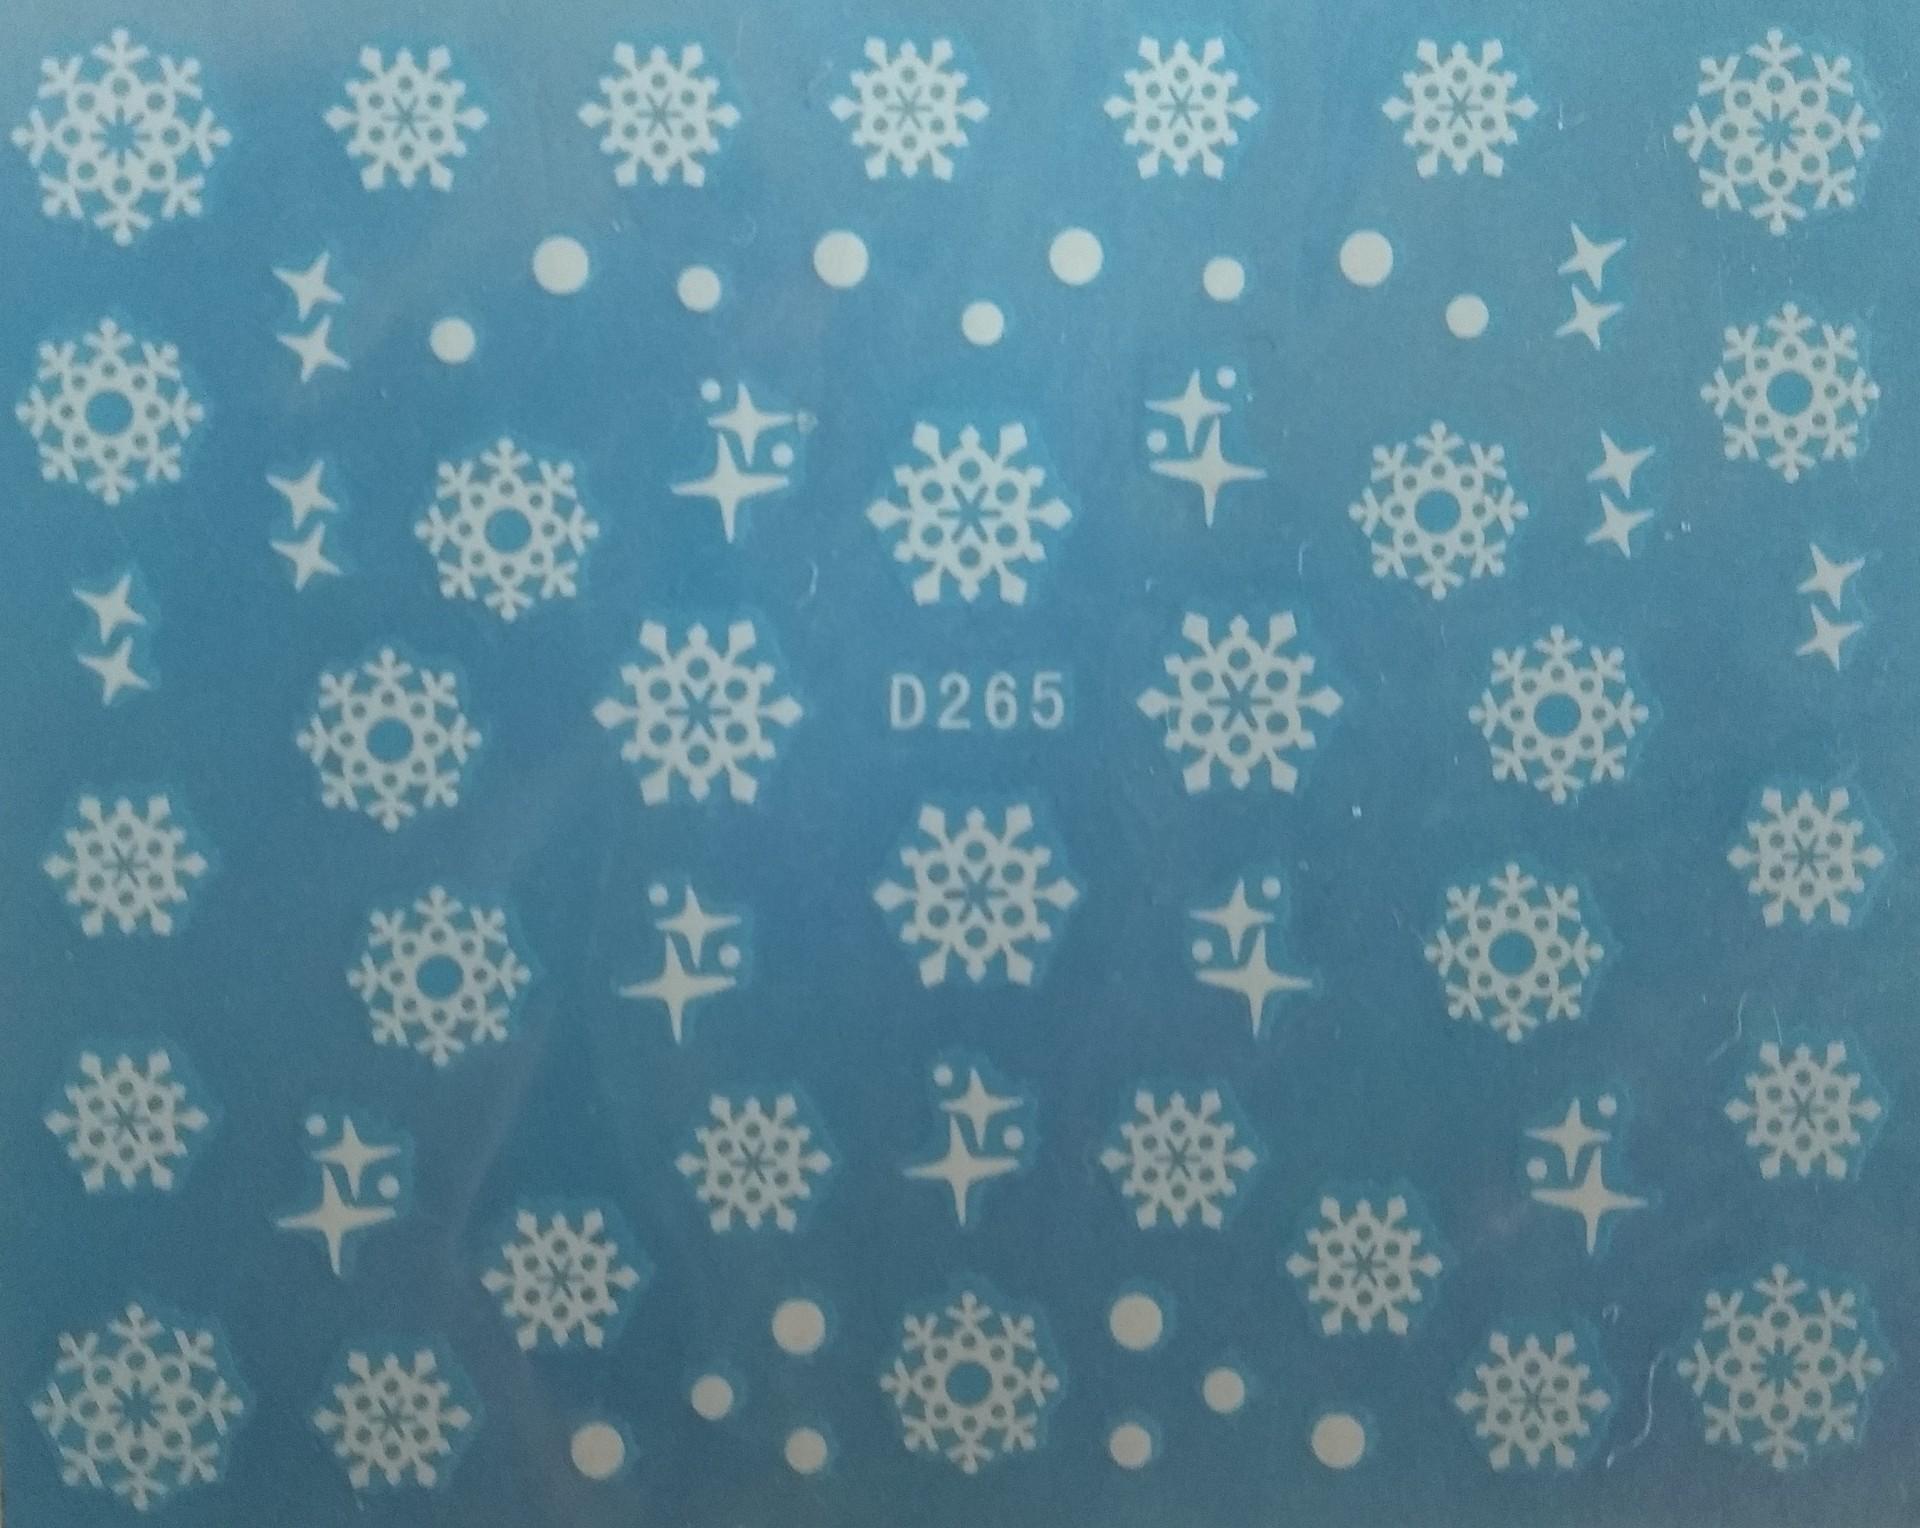 Decalques D265 - Natal